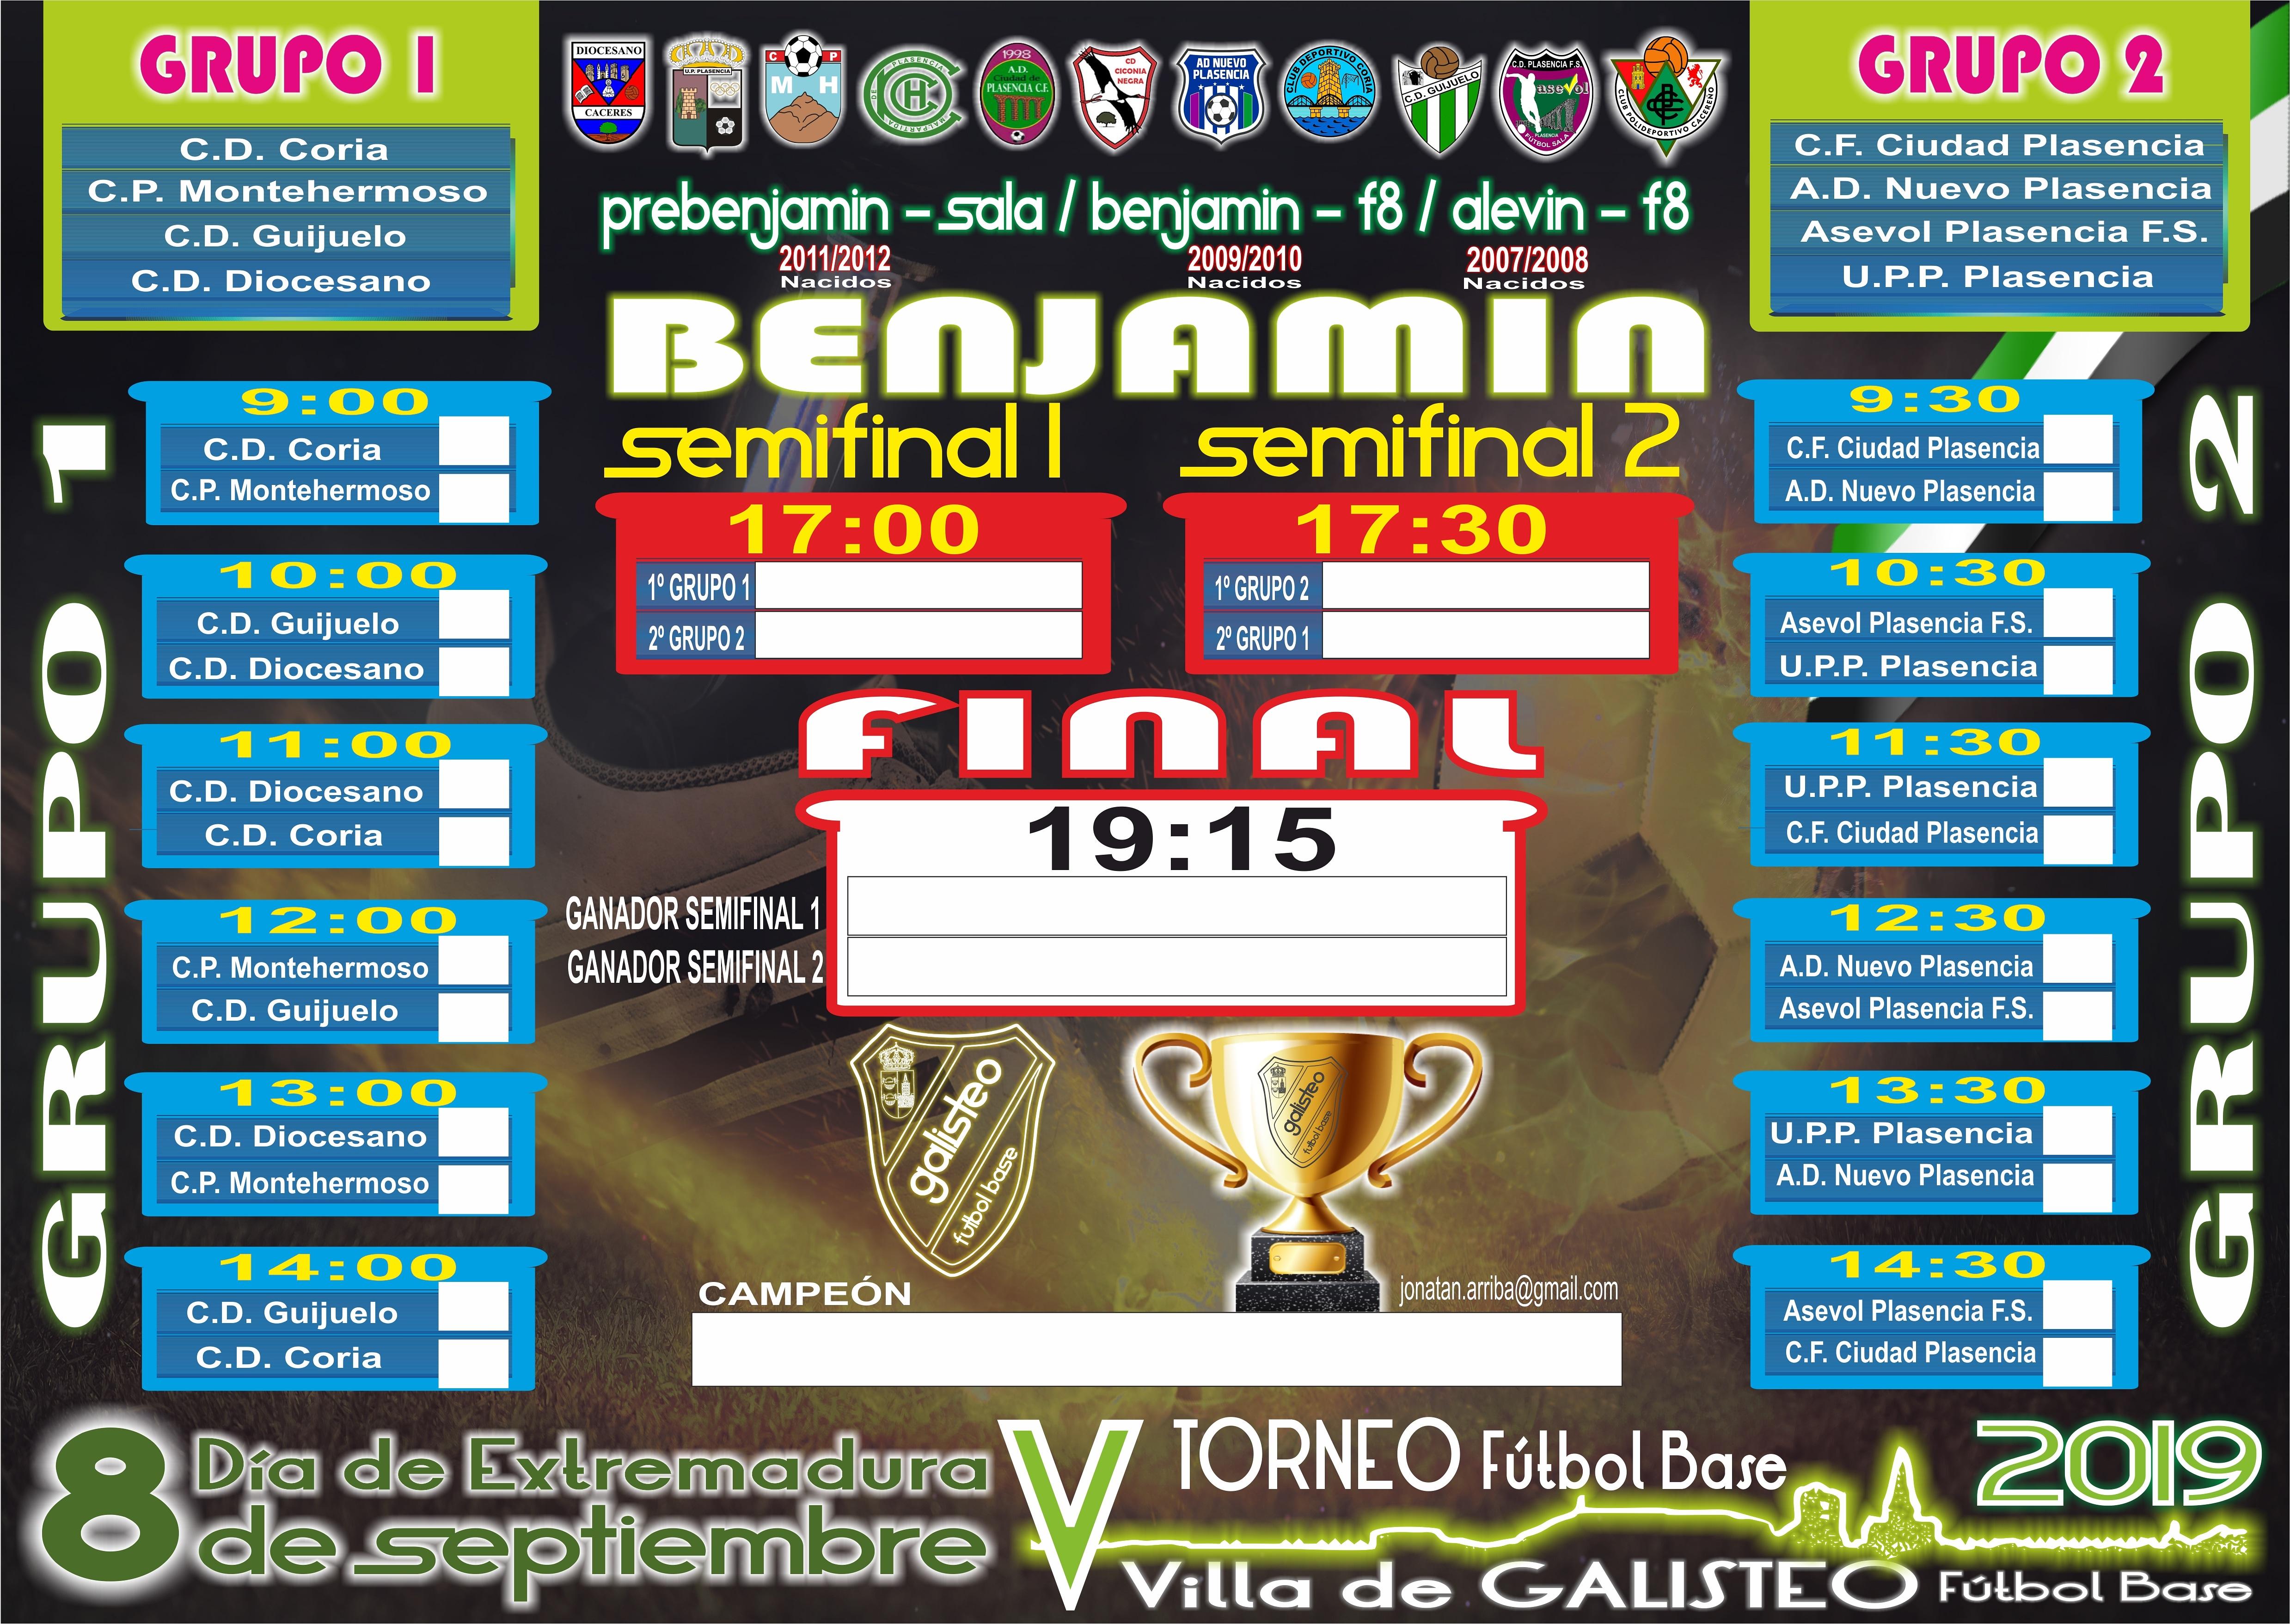 V Torneo de Fútbol Base Villa de Galisteo 2019